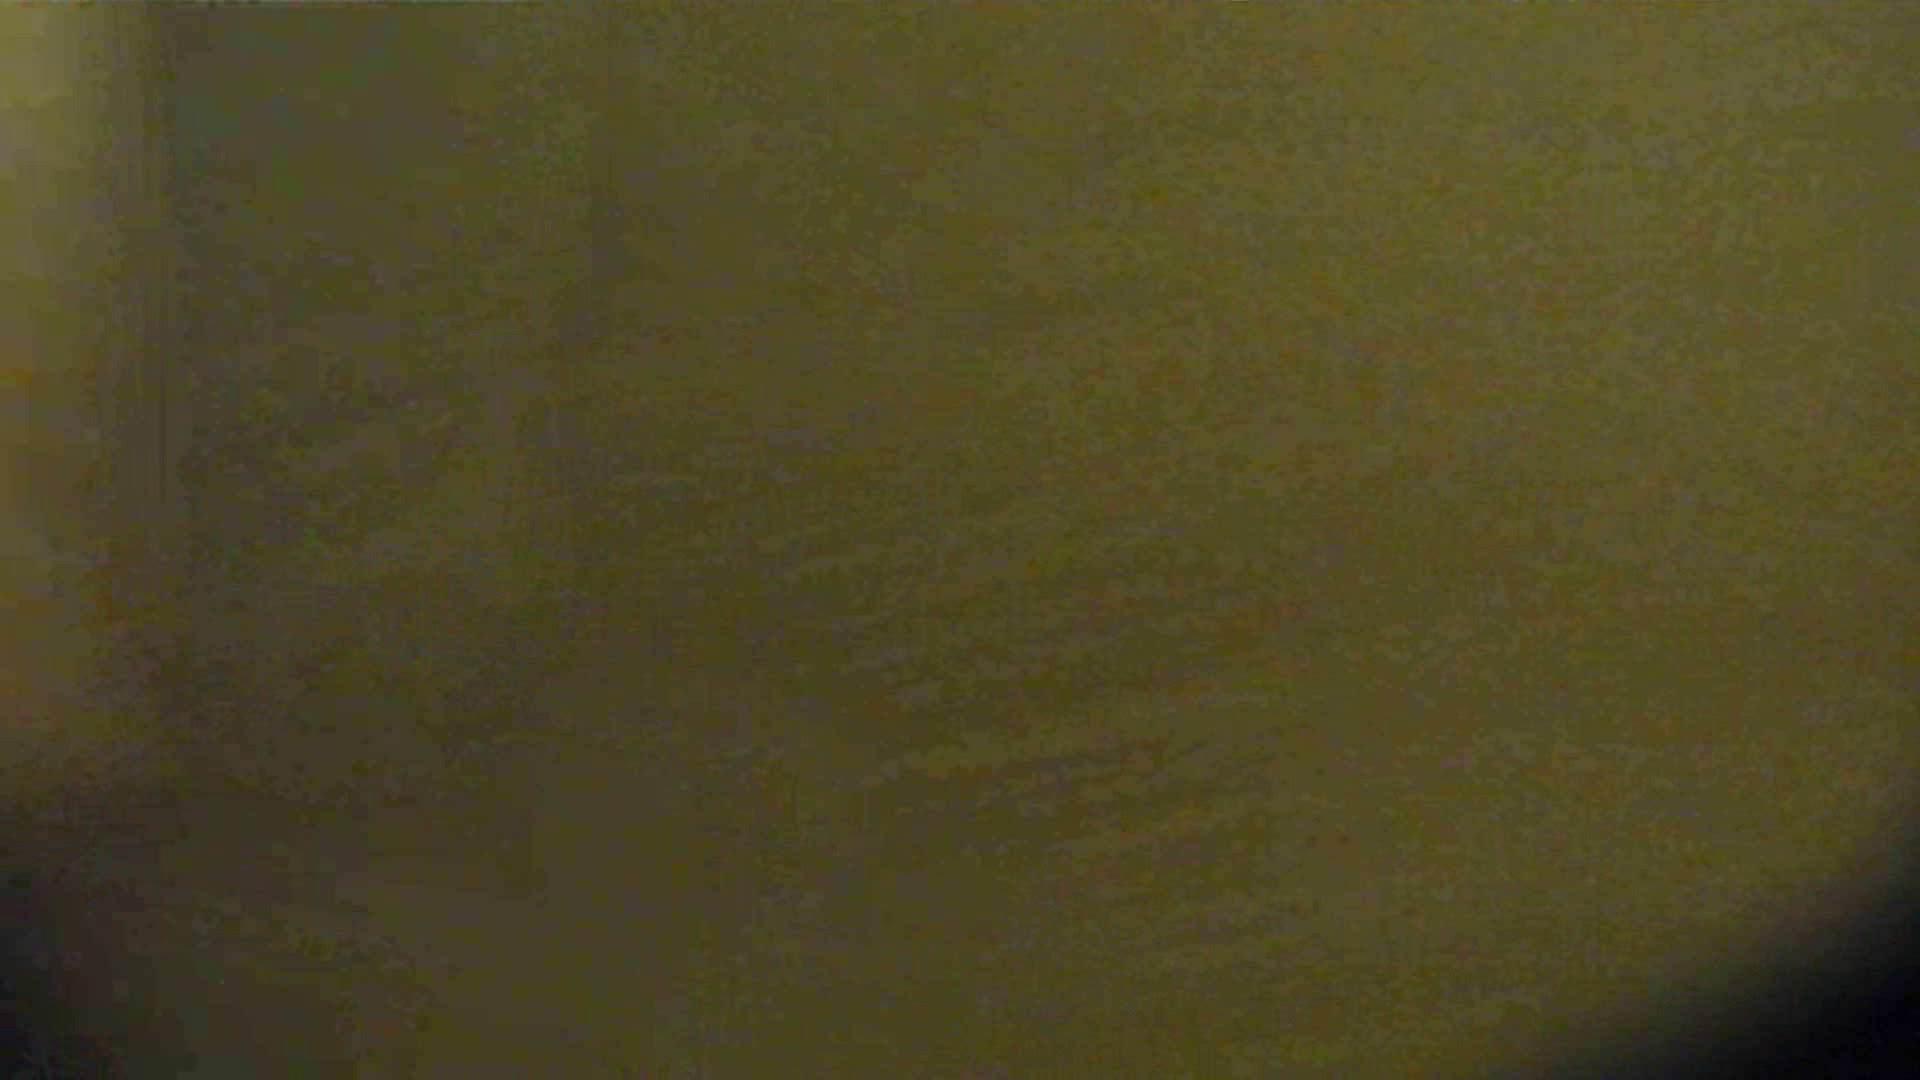 阿国ちゃんの「和式洋式七変化」No.12 ギャル攻め すけべAV動画紹介 99画像 98